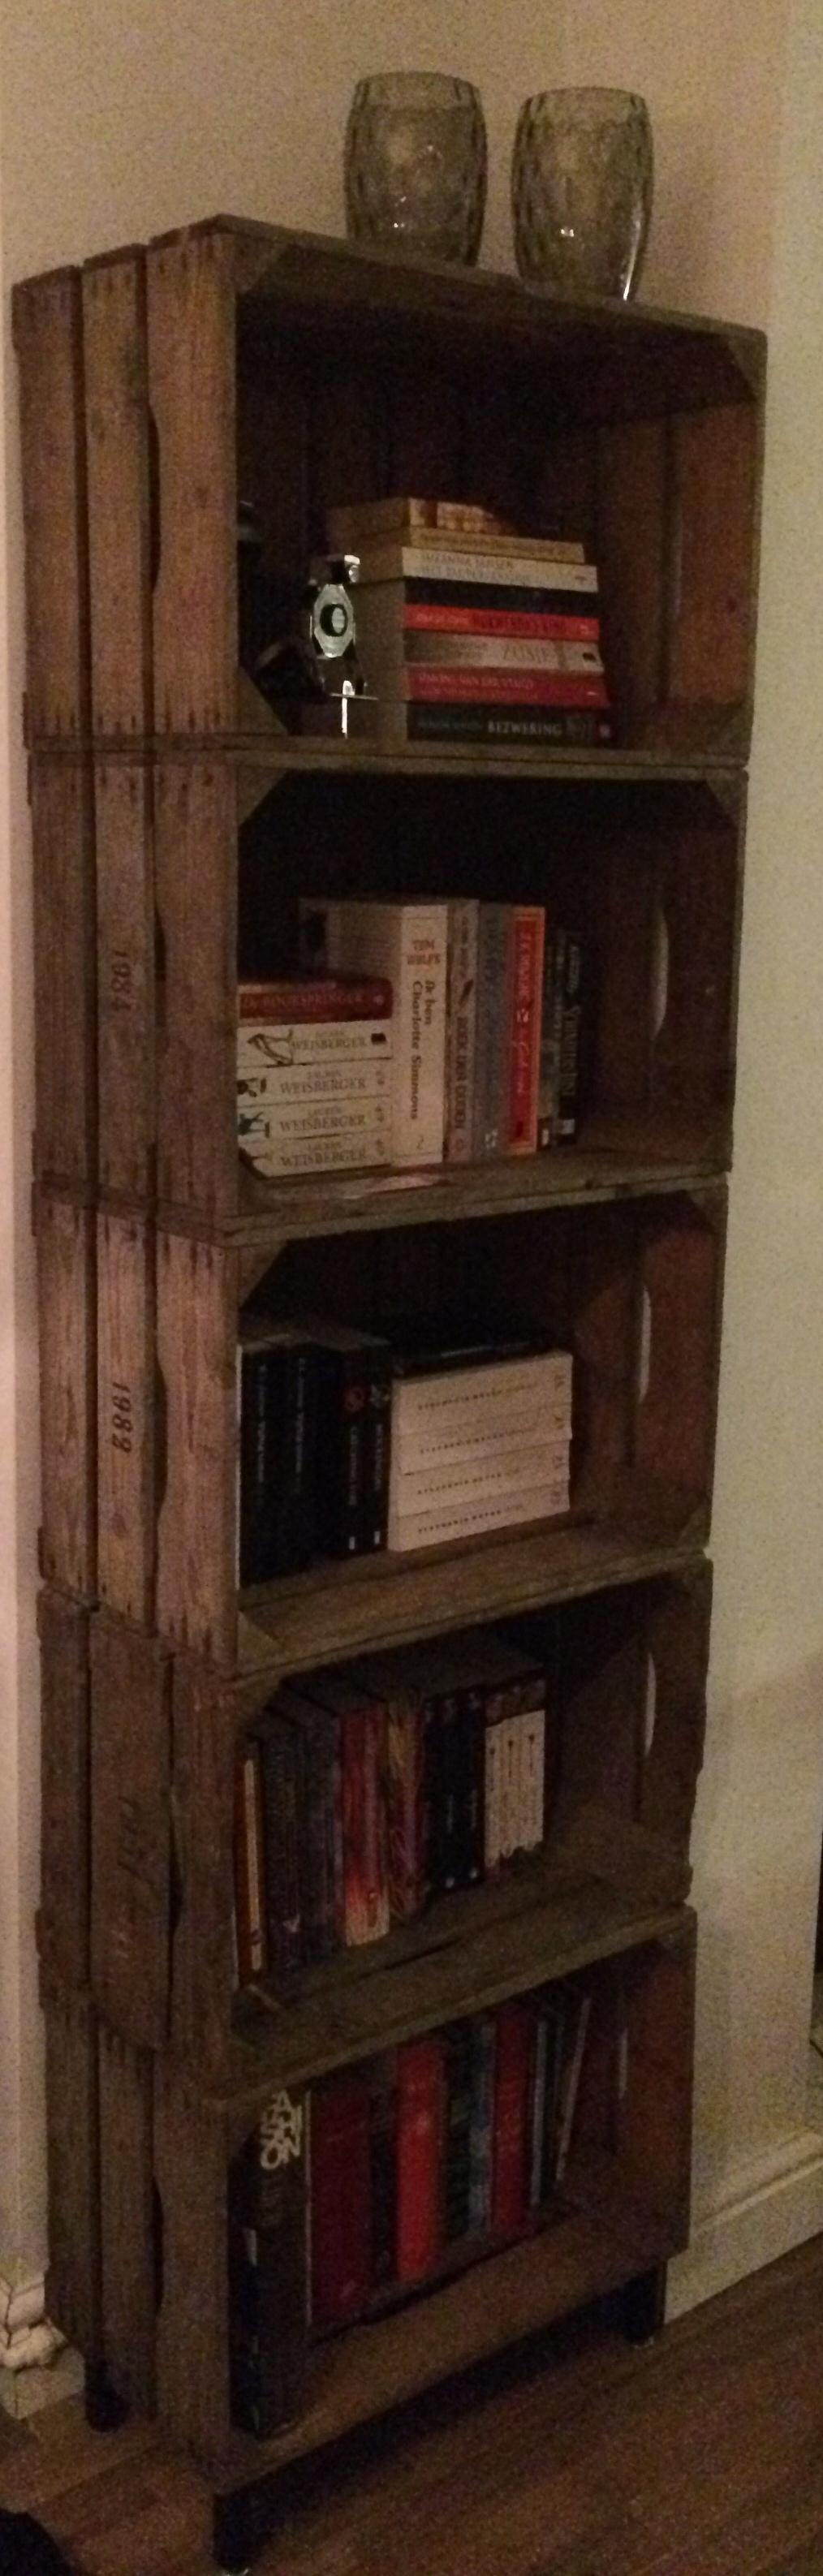 DIY Boekenkast gemaakt van oude kratten. - Inspiring design ...